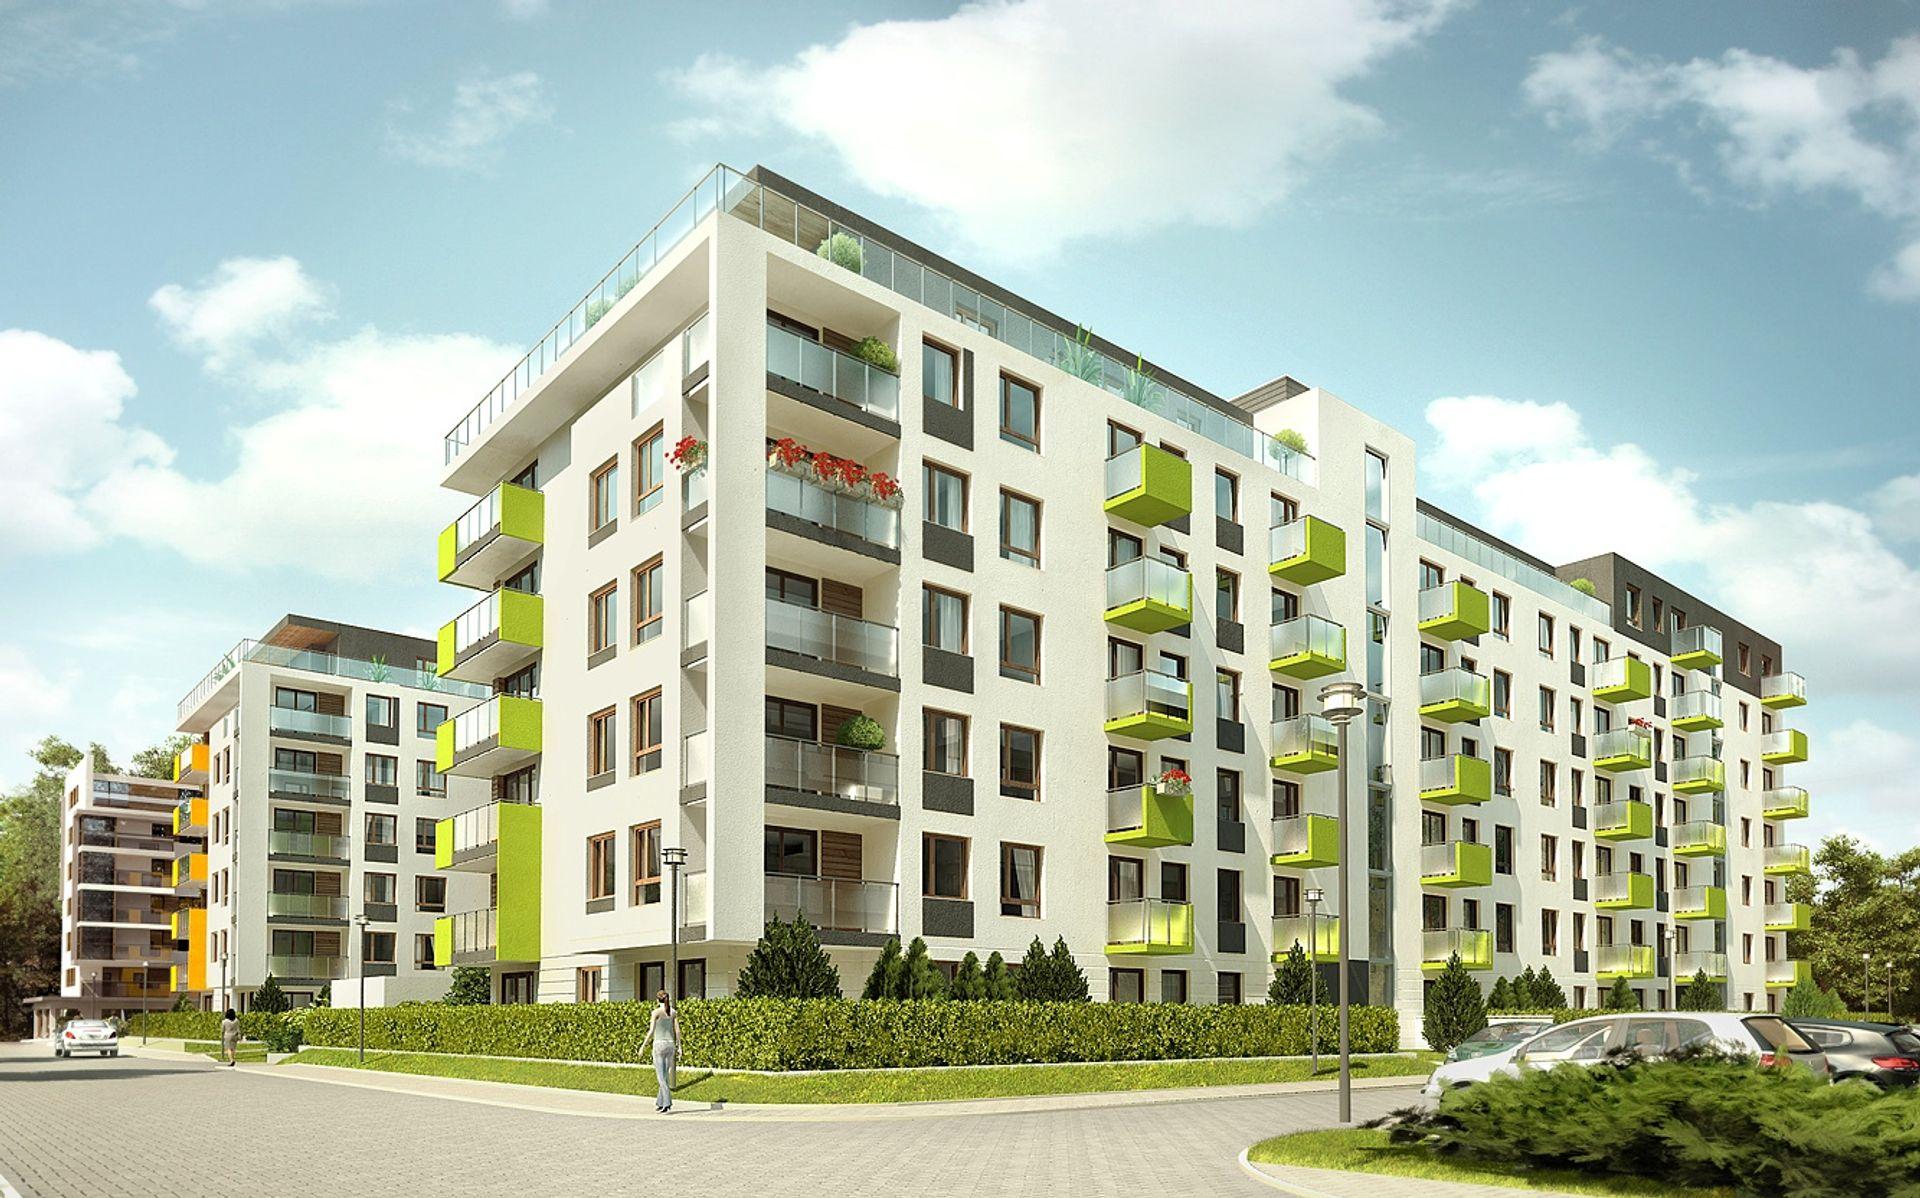 [Wrocław] Fadesa Polnord Polska (FPP) sprzedała we Wrocławiu 500 mieszkań